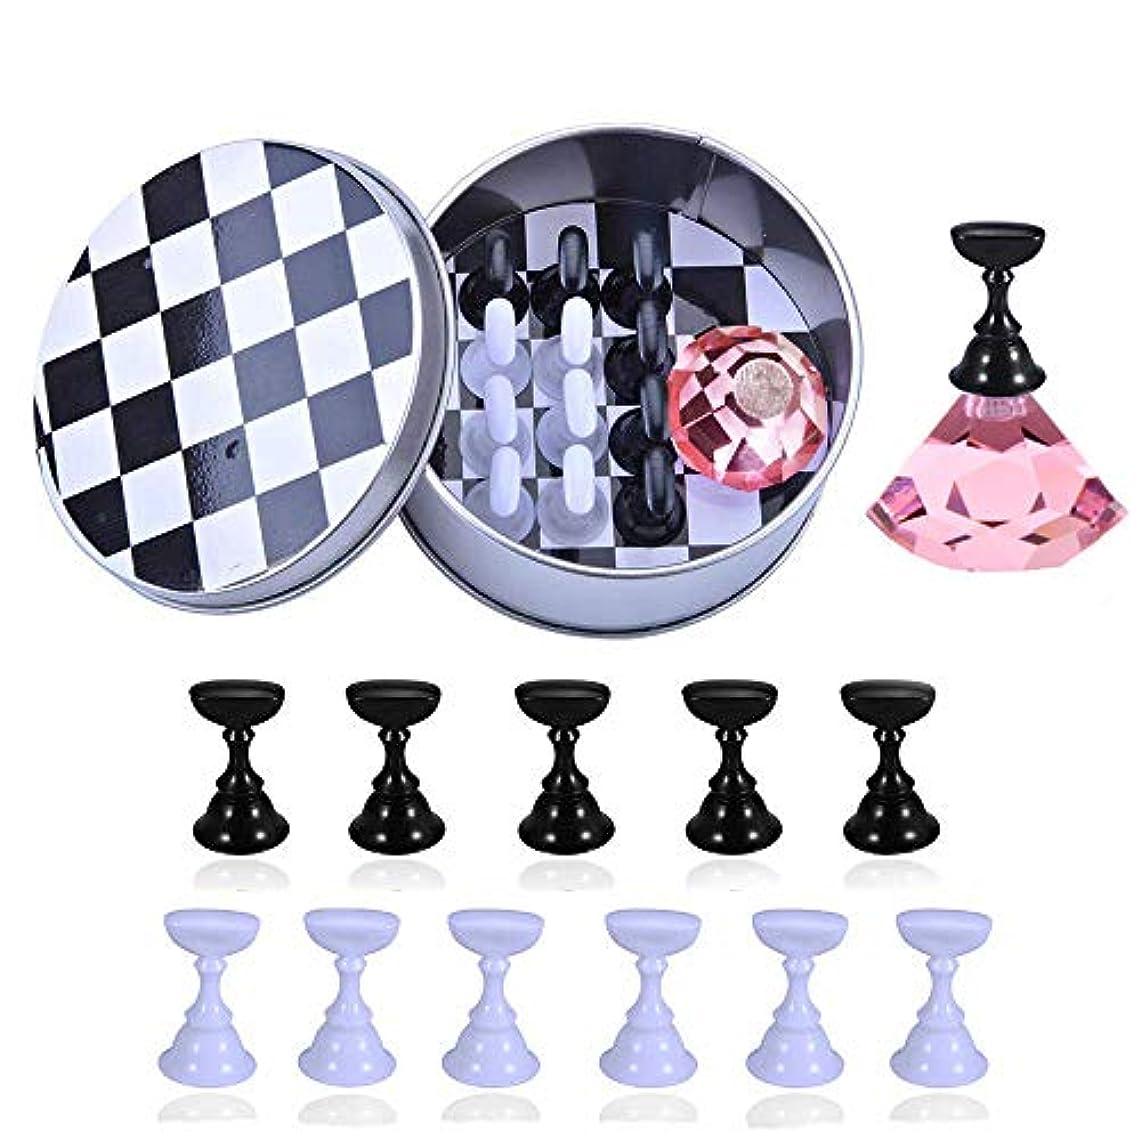 メロディー形状汚染された12本 磁気ネイルアートディスプレイスタンド Kalolary チェスボード ネイルチップスタンド ディスプレイスタンド サンプルチップ 練習ネイルサロンツール